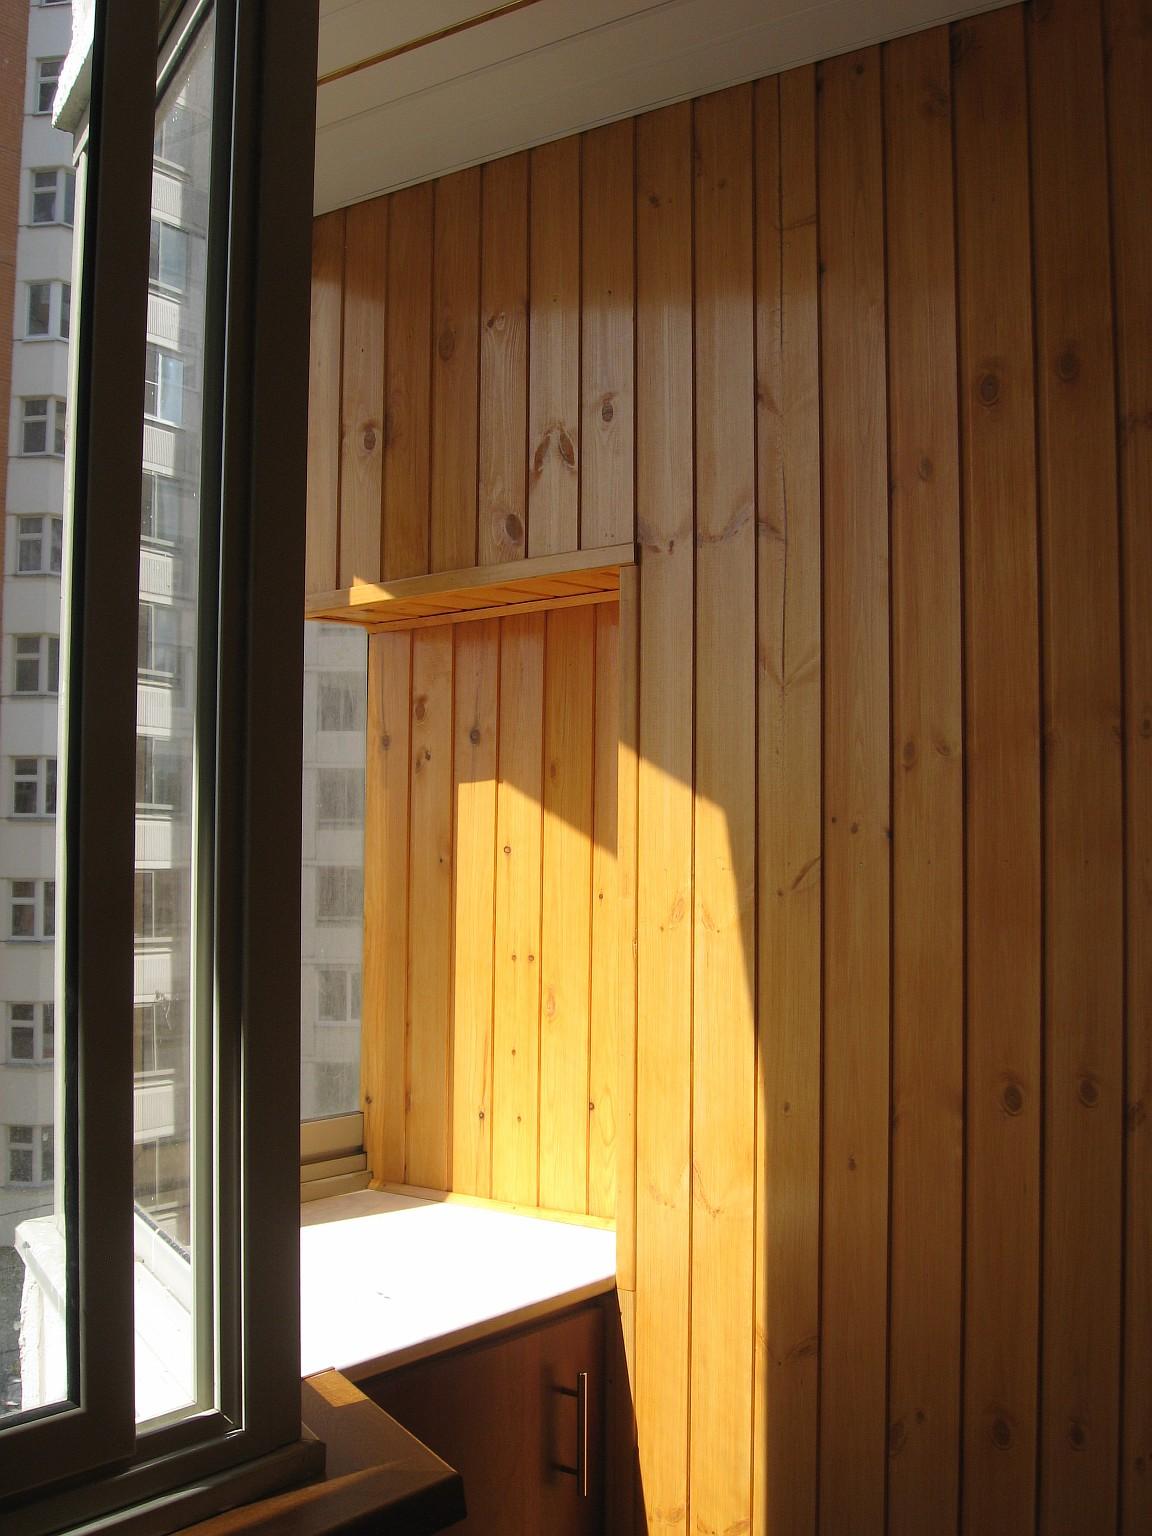 Отделка балкона своими руками: отзывы и инструкция 49